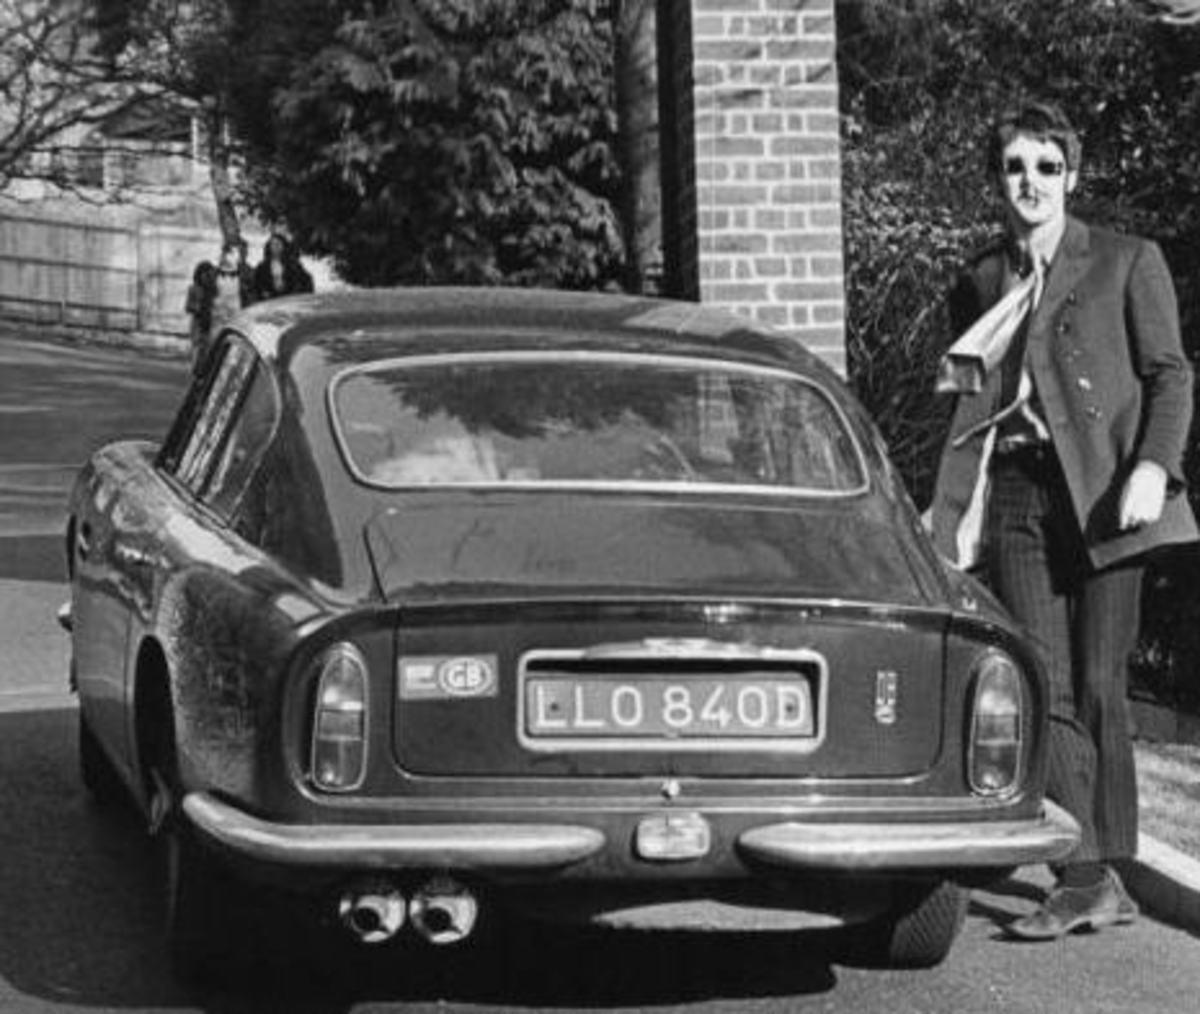 Paul's Aston Martin